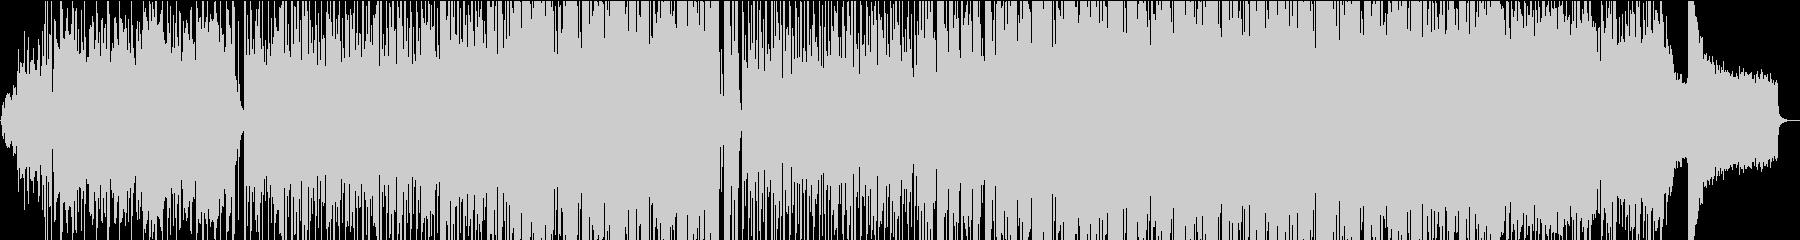 祝福感あるBGM〜Short 小さい子声の未再生の波形